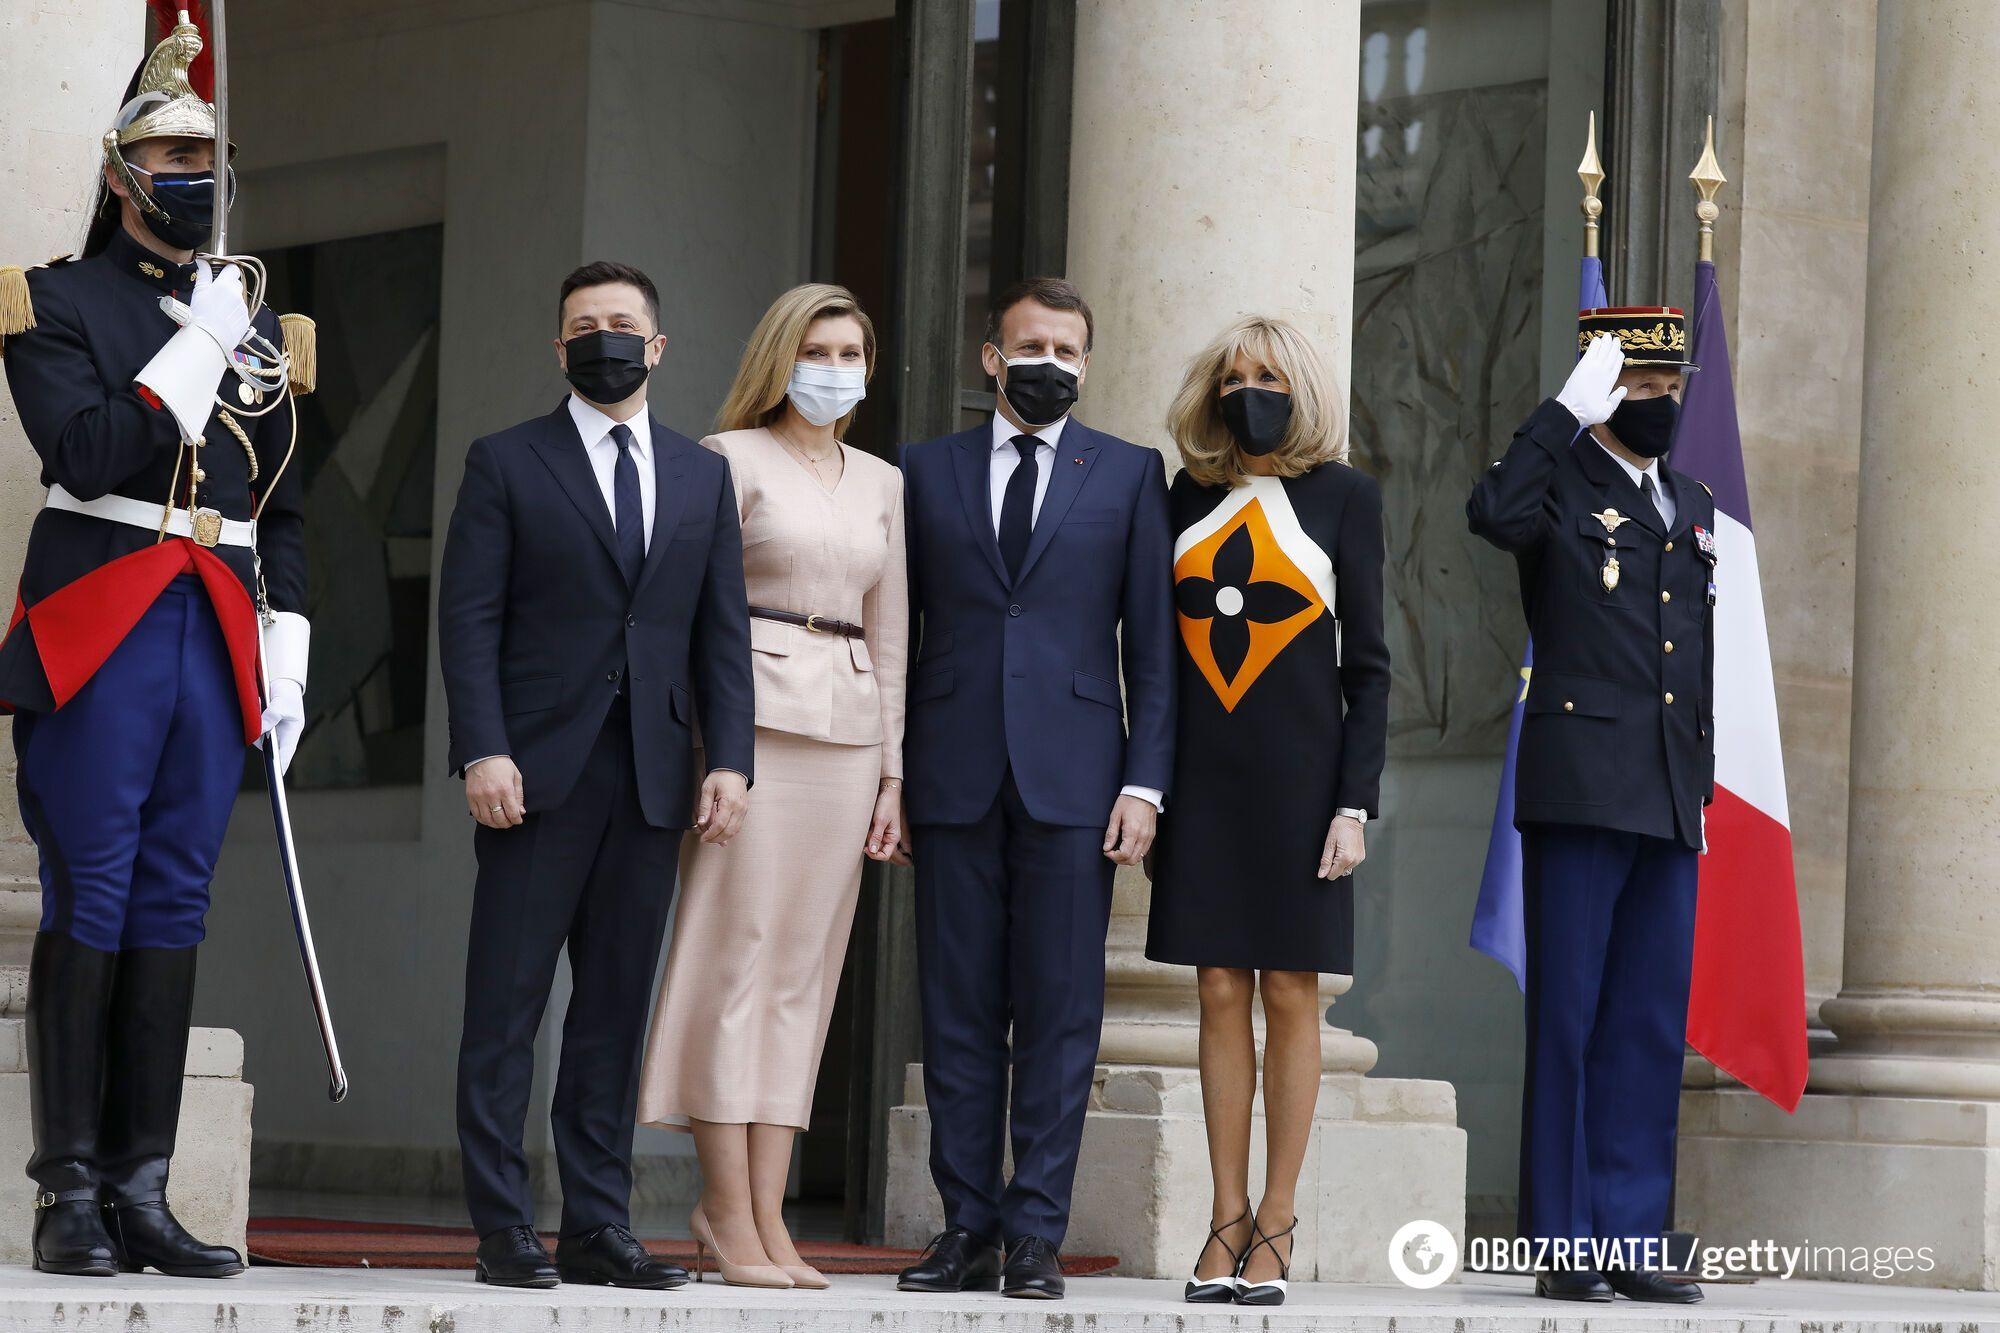 Владимир Зеленский с женой Еленой и Эммануель Макрон с женой Брижит